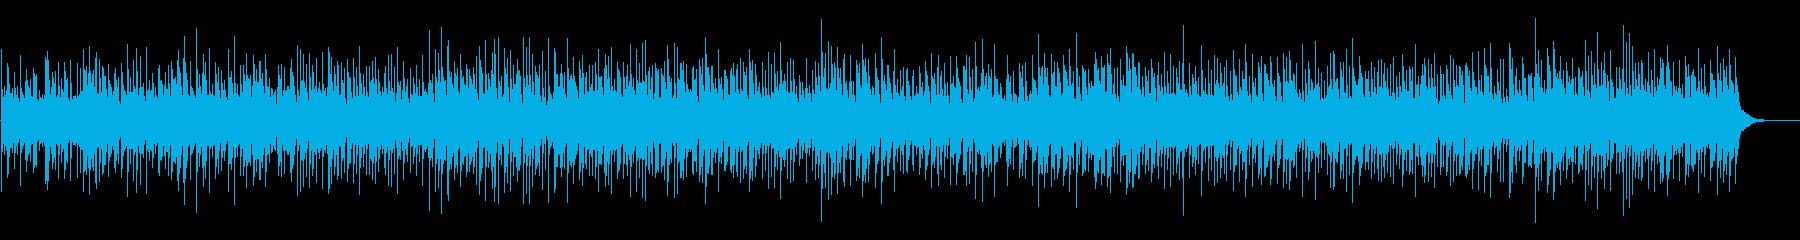 傷心のブルーグラスBGMの再生済みの波形